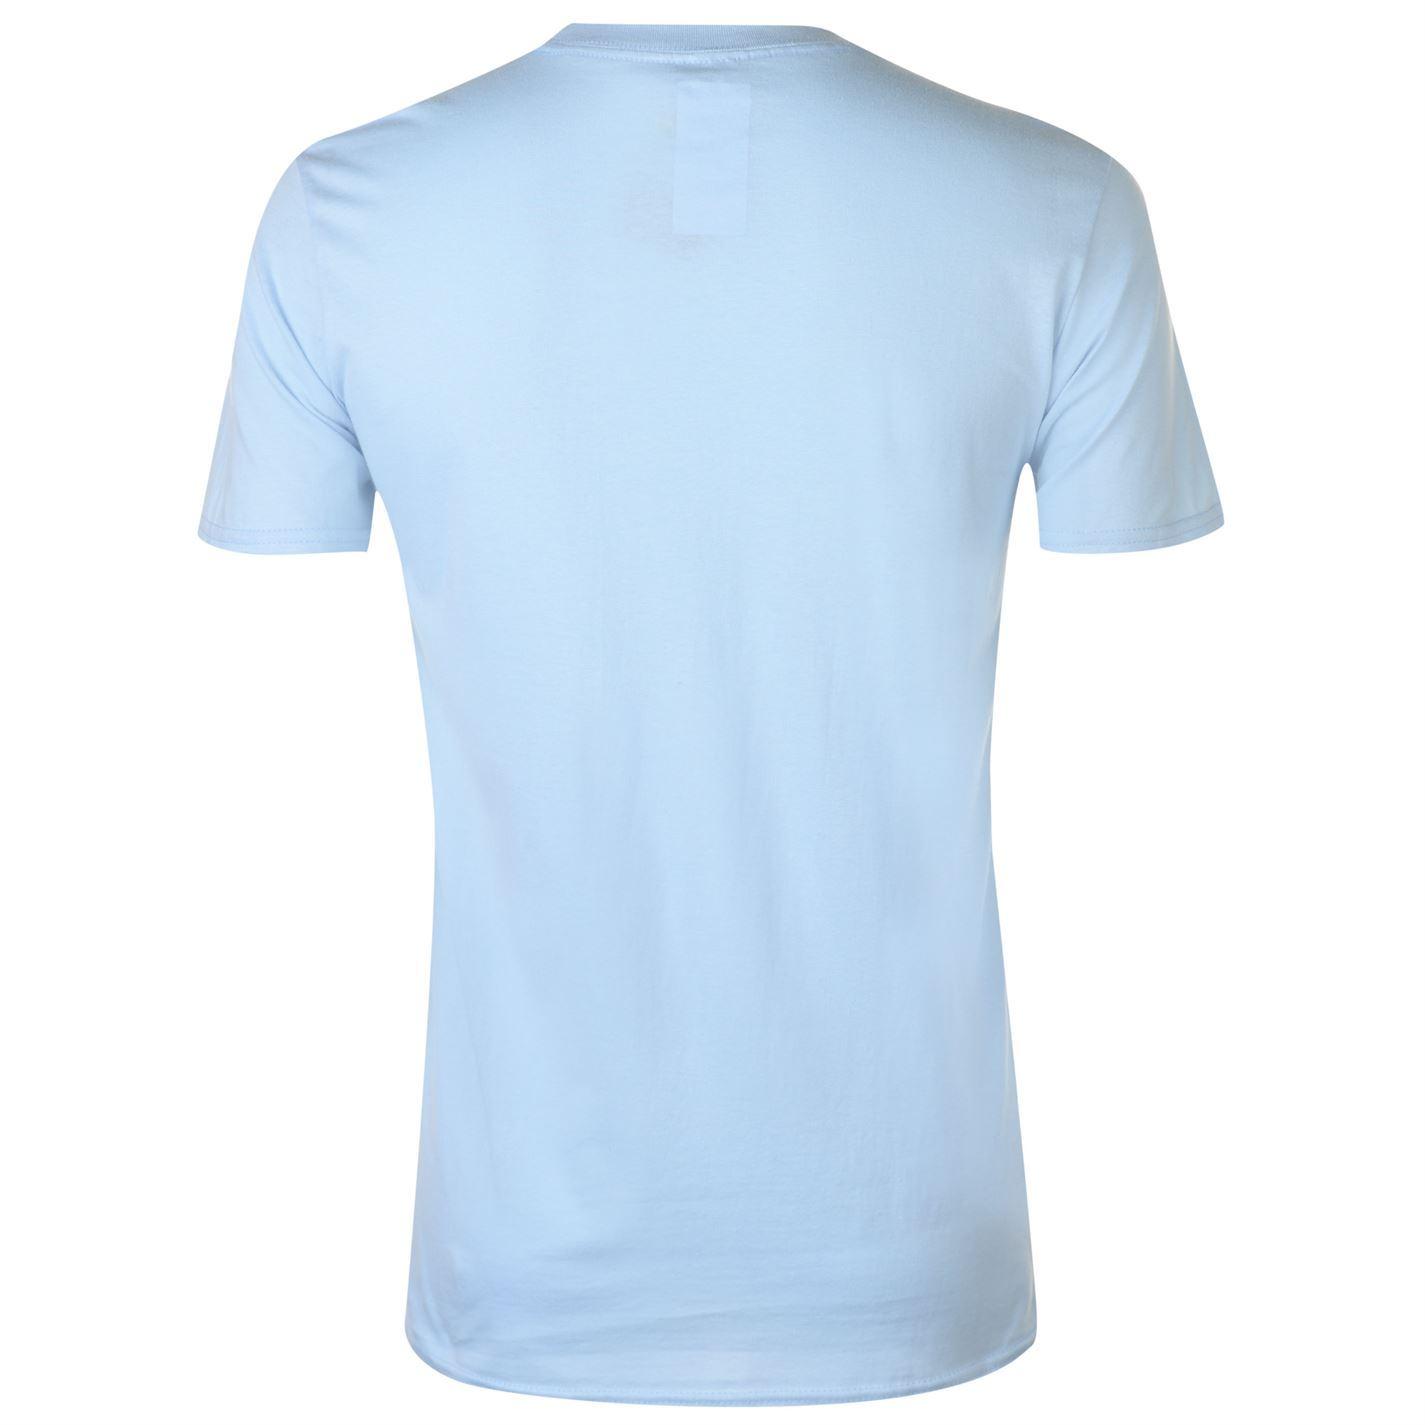 58693fb31 ... Manchester City Etihad Stadium Crest T-Shirt Mens Blue Football Soccer  Top Shirt ...